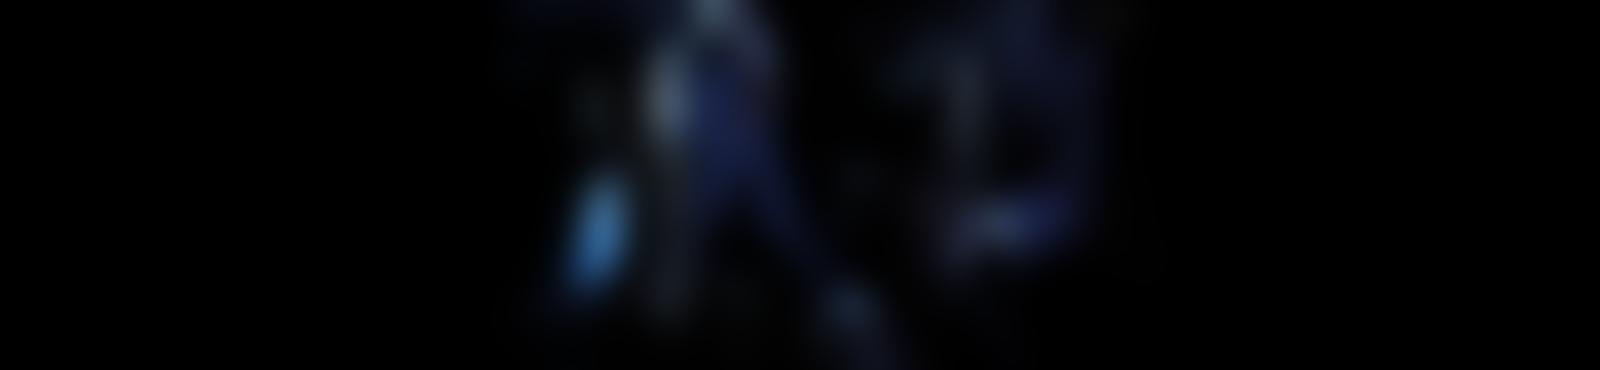 Blurred 9df7aa3f 24b5 4dc7 b18d 8b1f427244e7